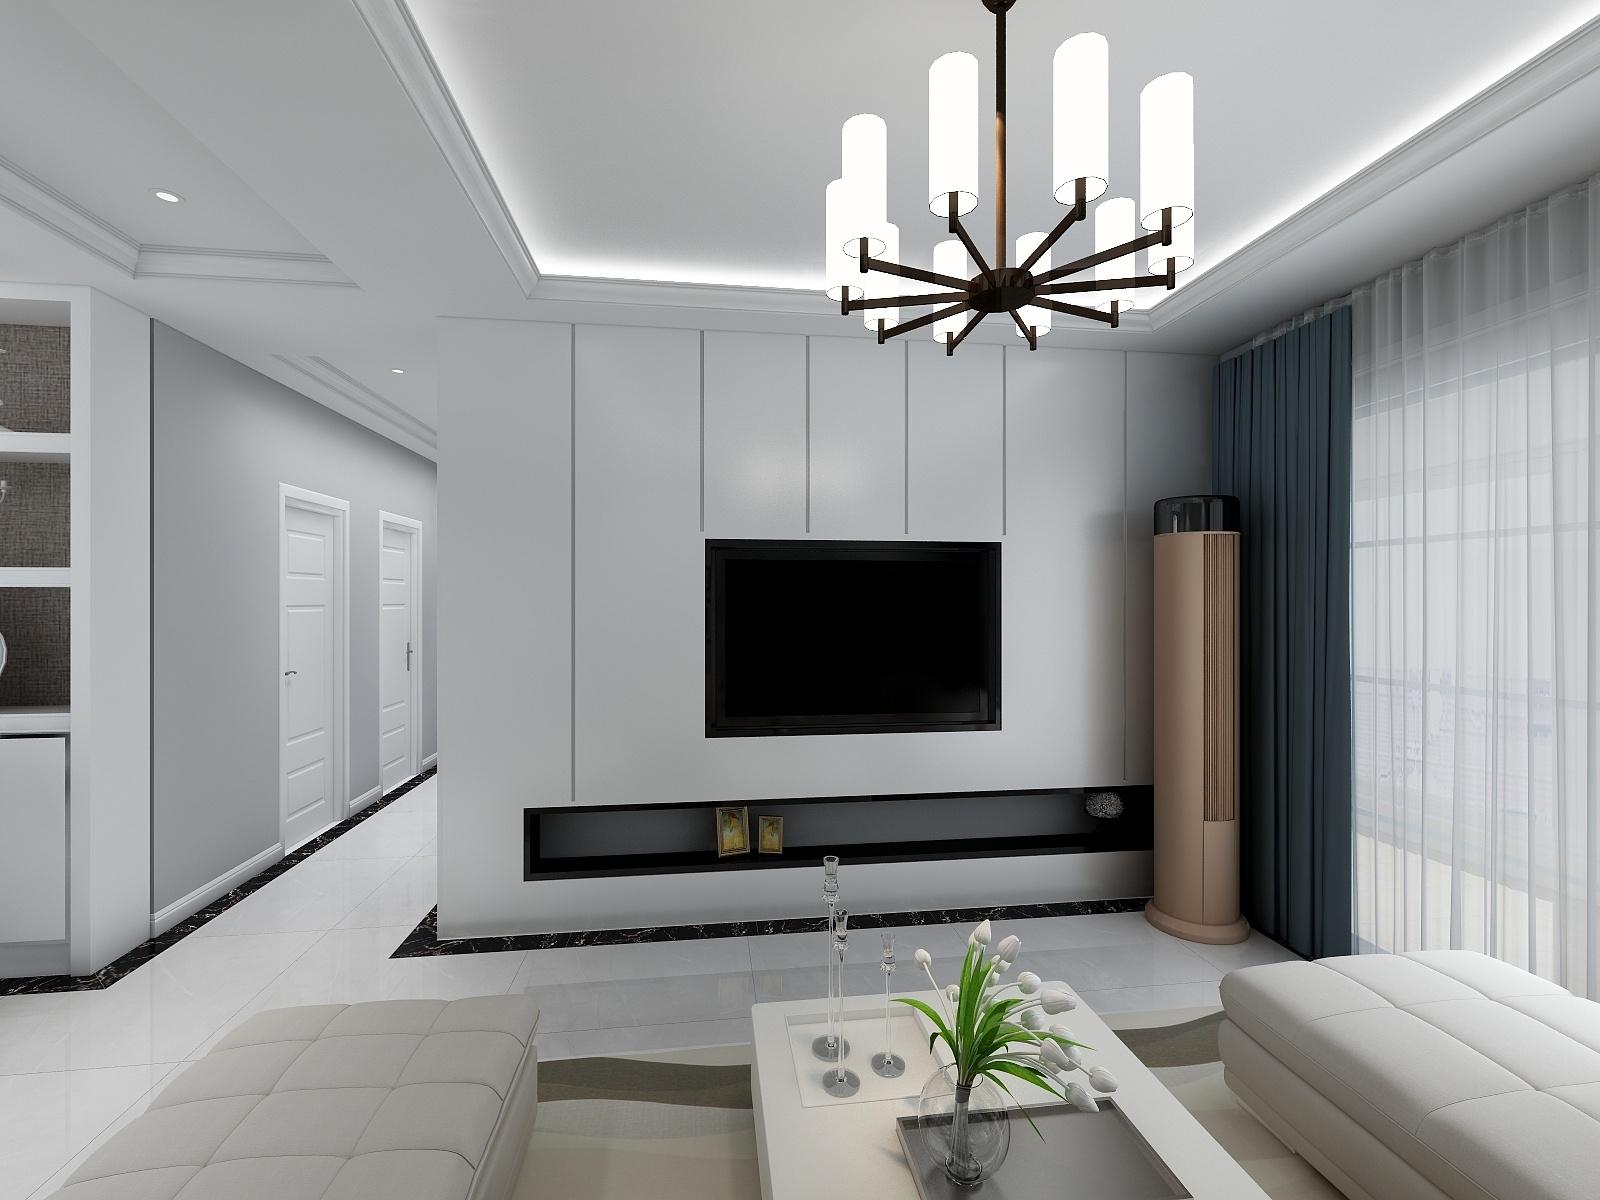 海爾悅湖蘭庭117平三居室現代黑白灰家裝效果